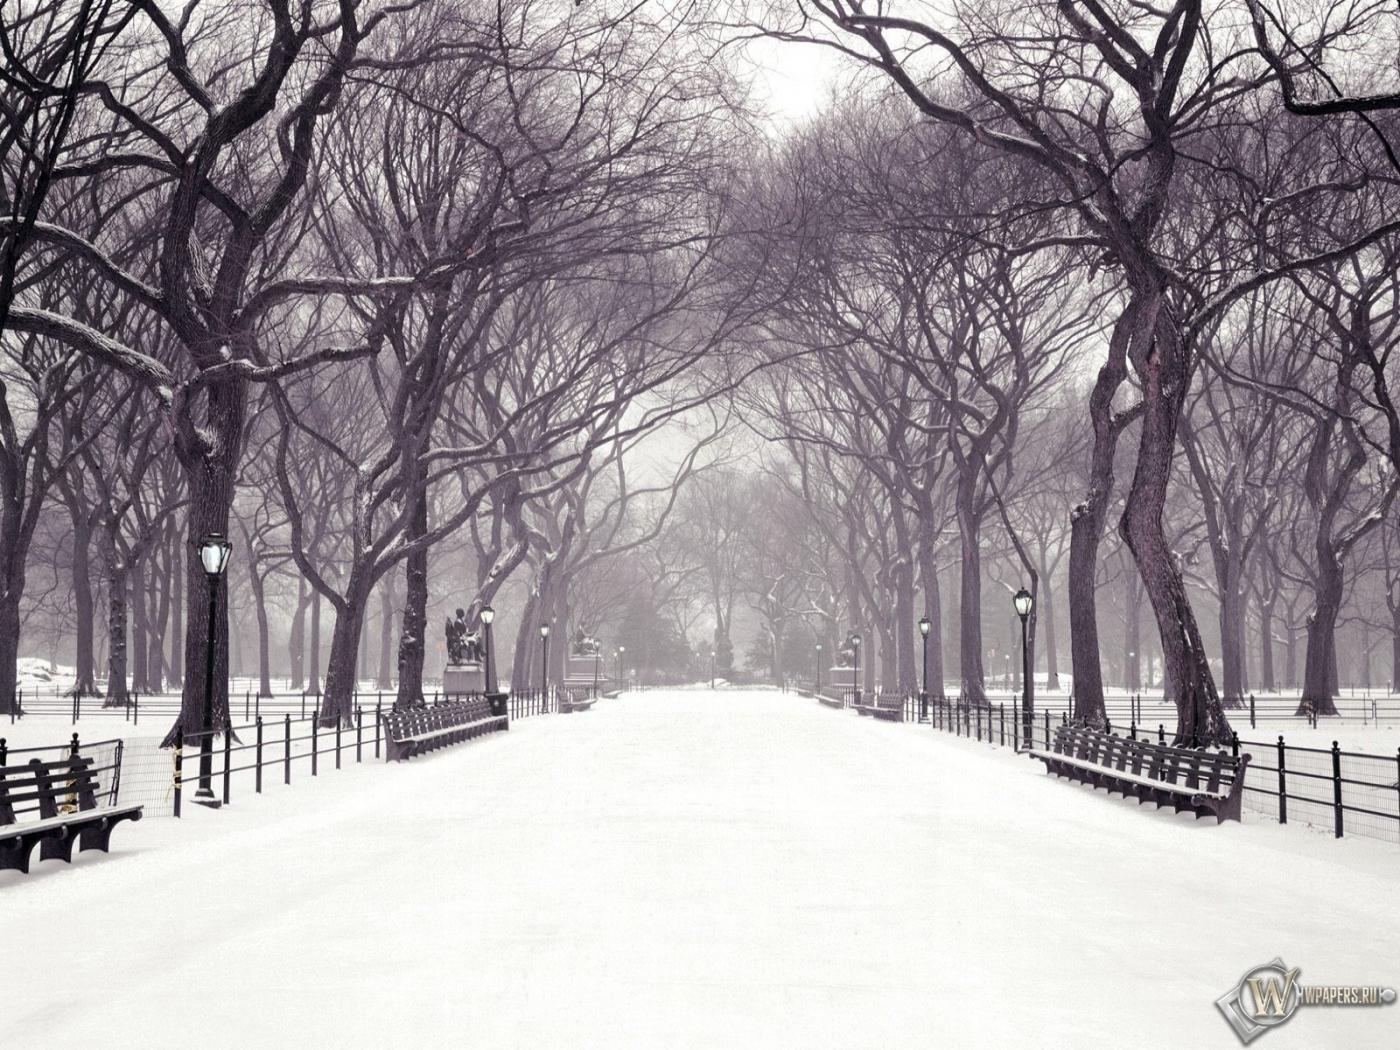 Картинки зима размер 1400х1050